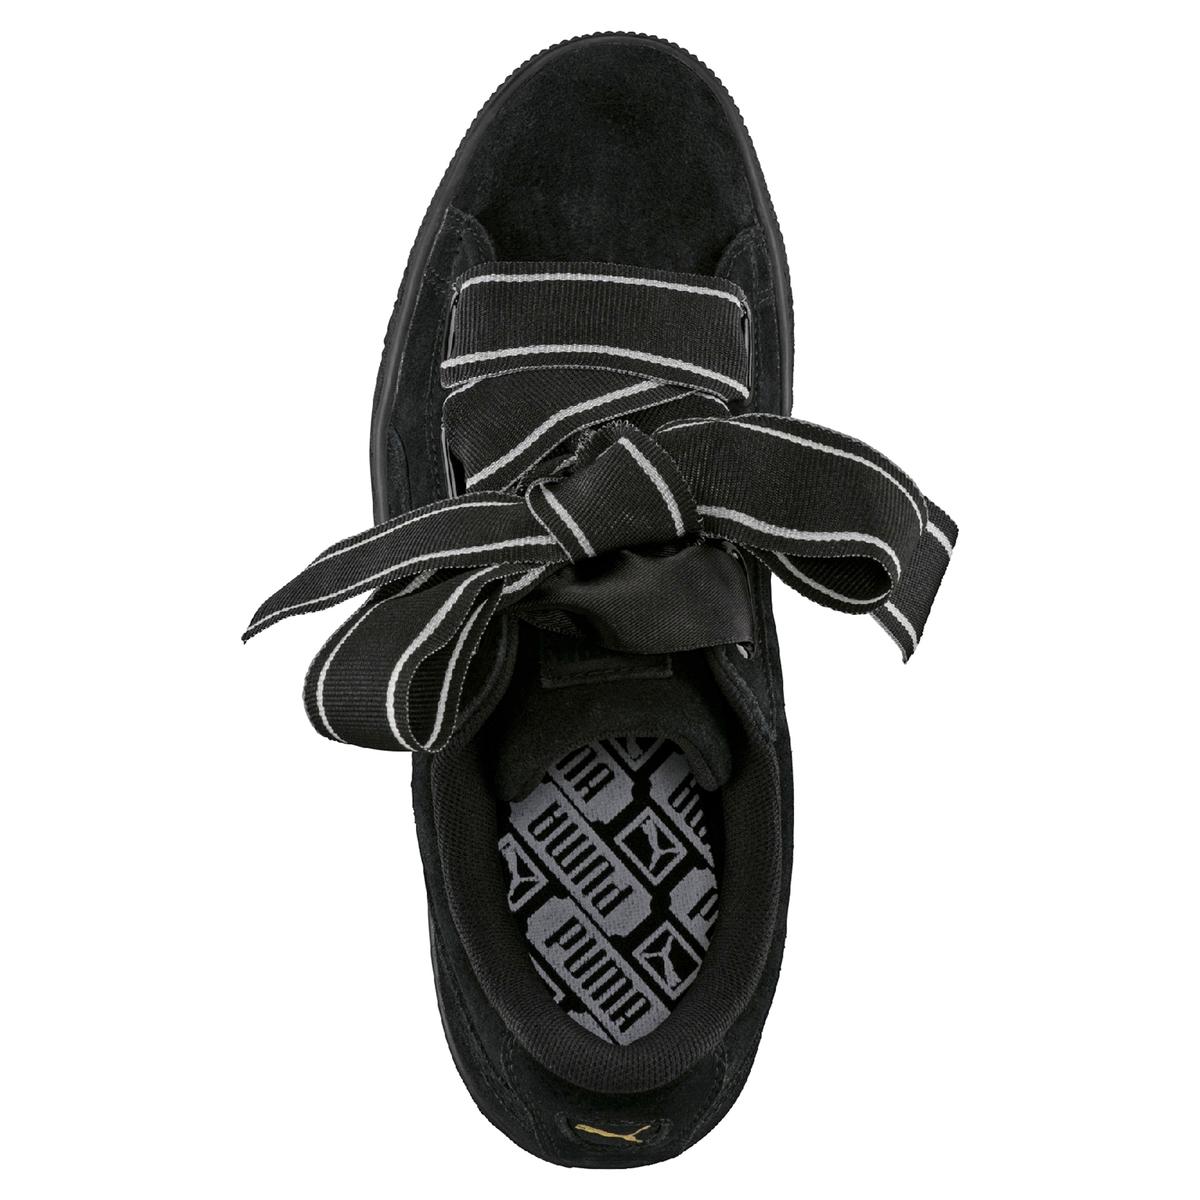 Imagen secundaria de producto de Zapatillas Wns Suede Heart Satin - Puma